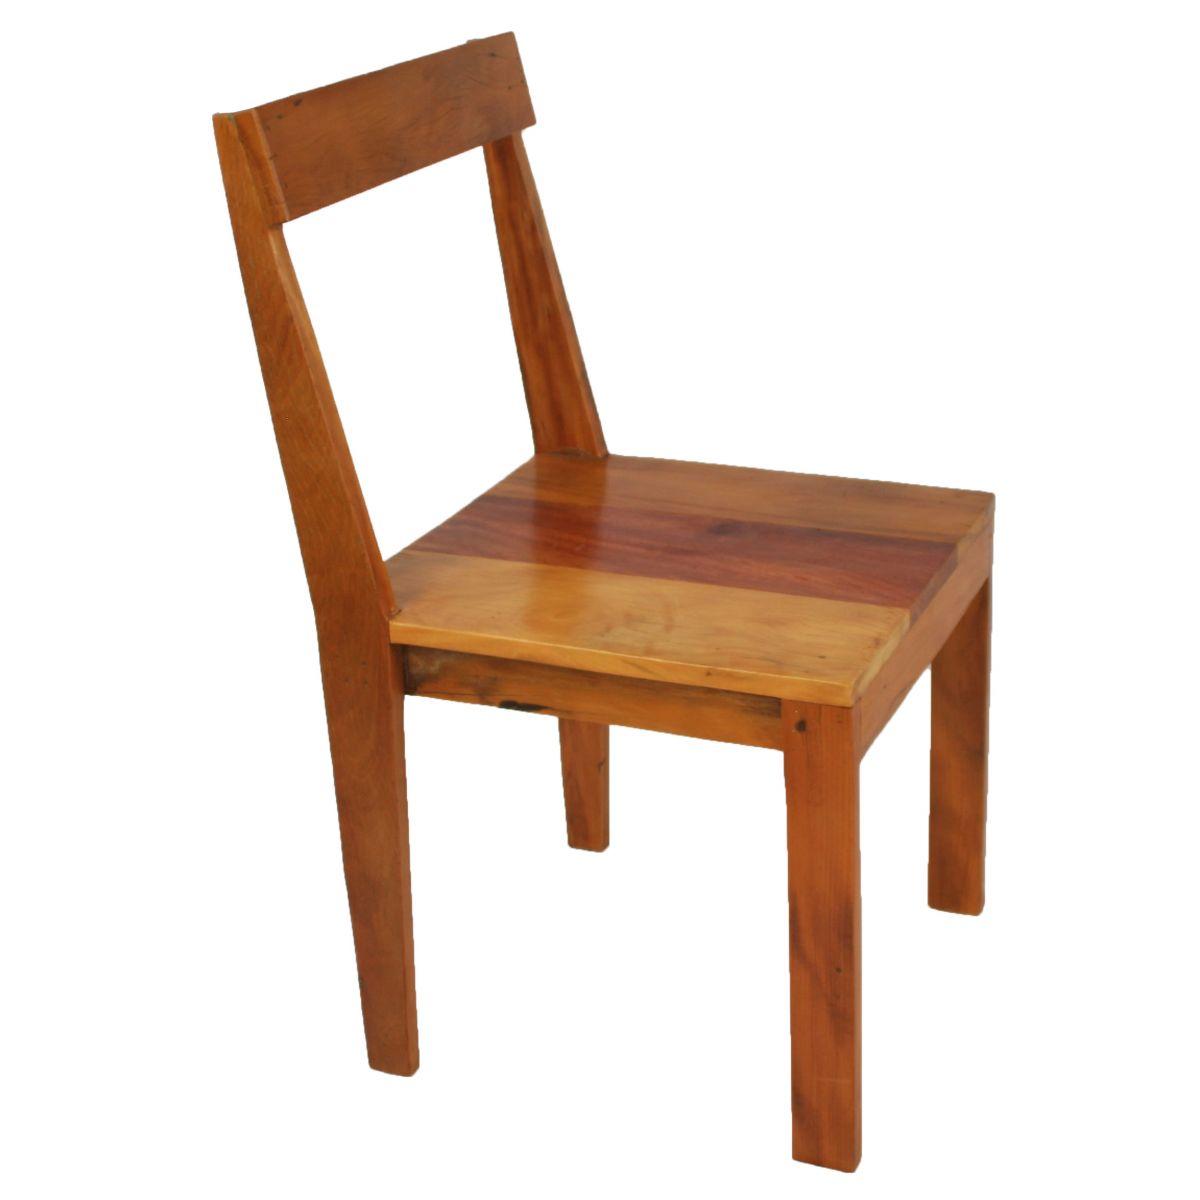 Cadeira Reta Natural Em Madeira De Demolição Medindo 0,40 x 0,40